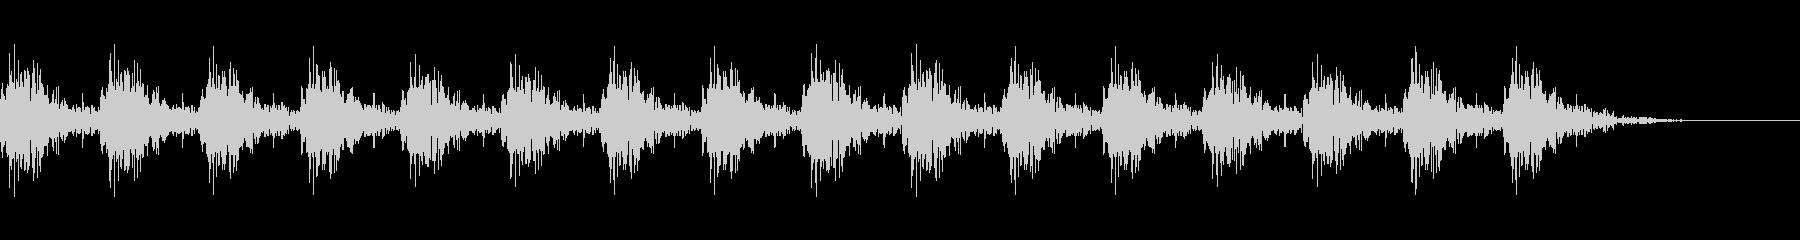 どんどん(巨人、速歩き)A06の未再生の波形